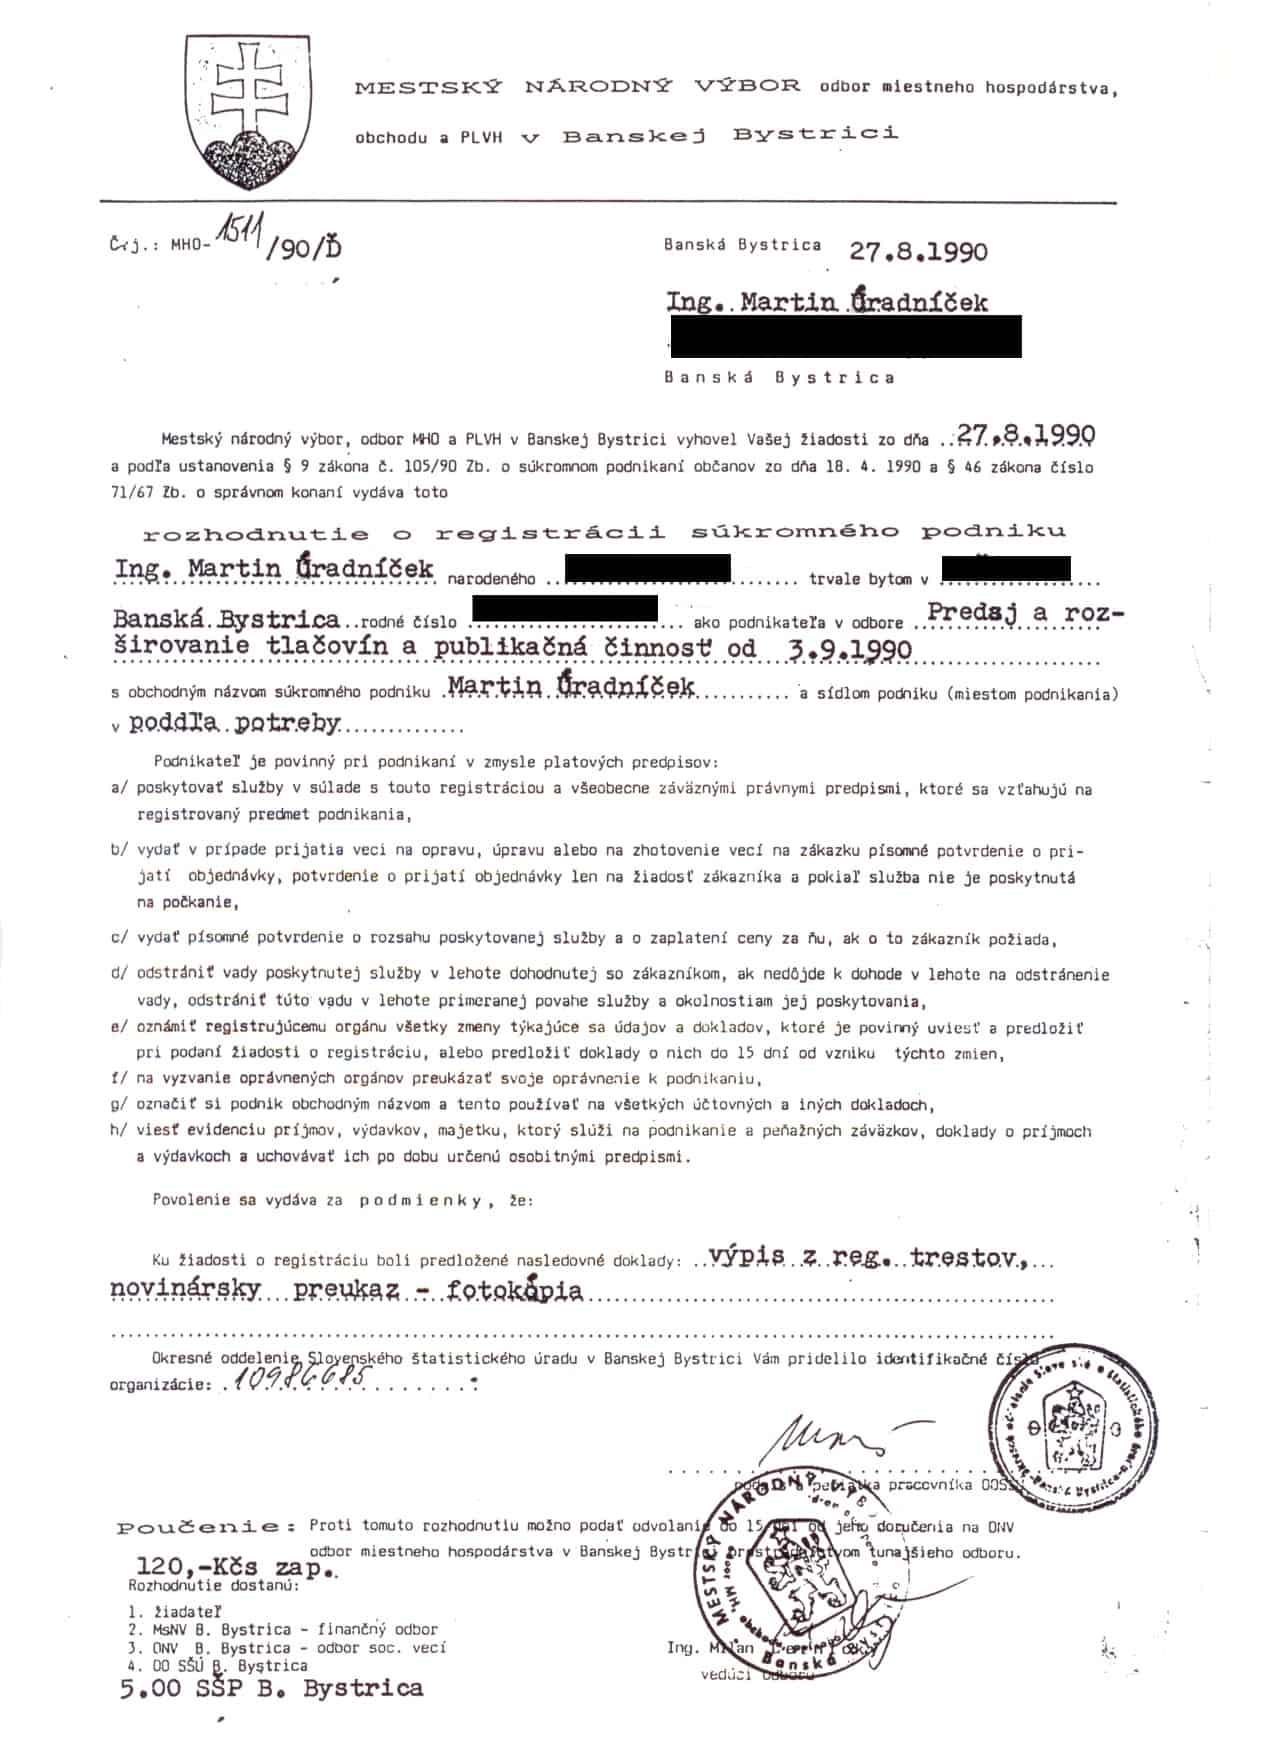 Živnostenské povolenie z roka 1990